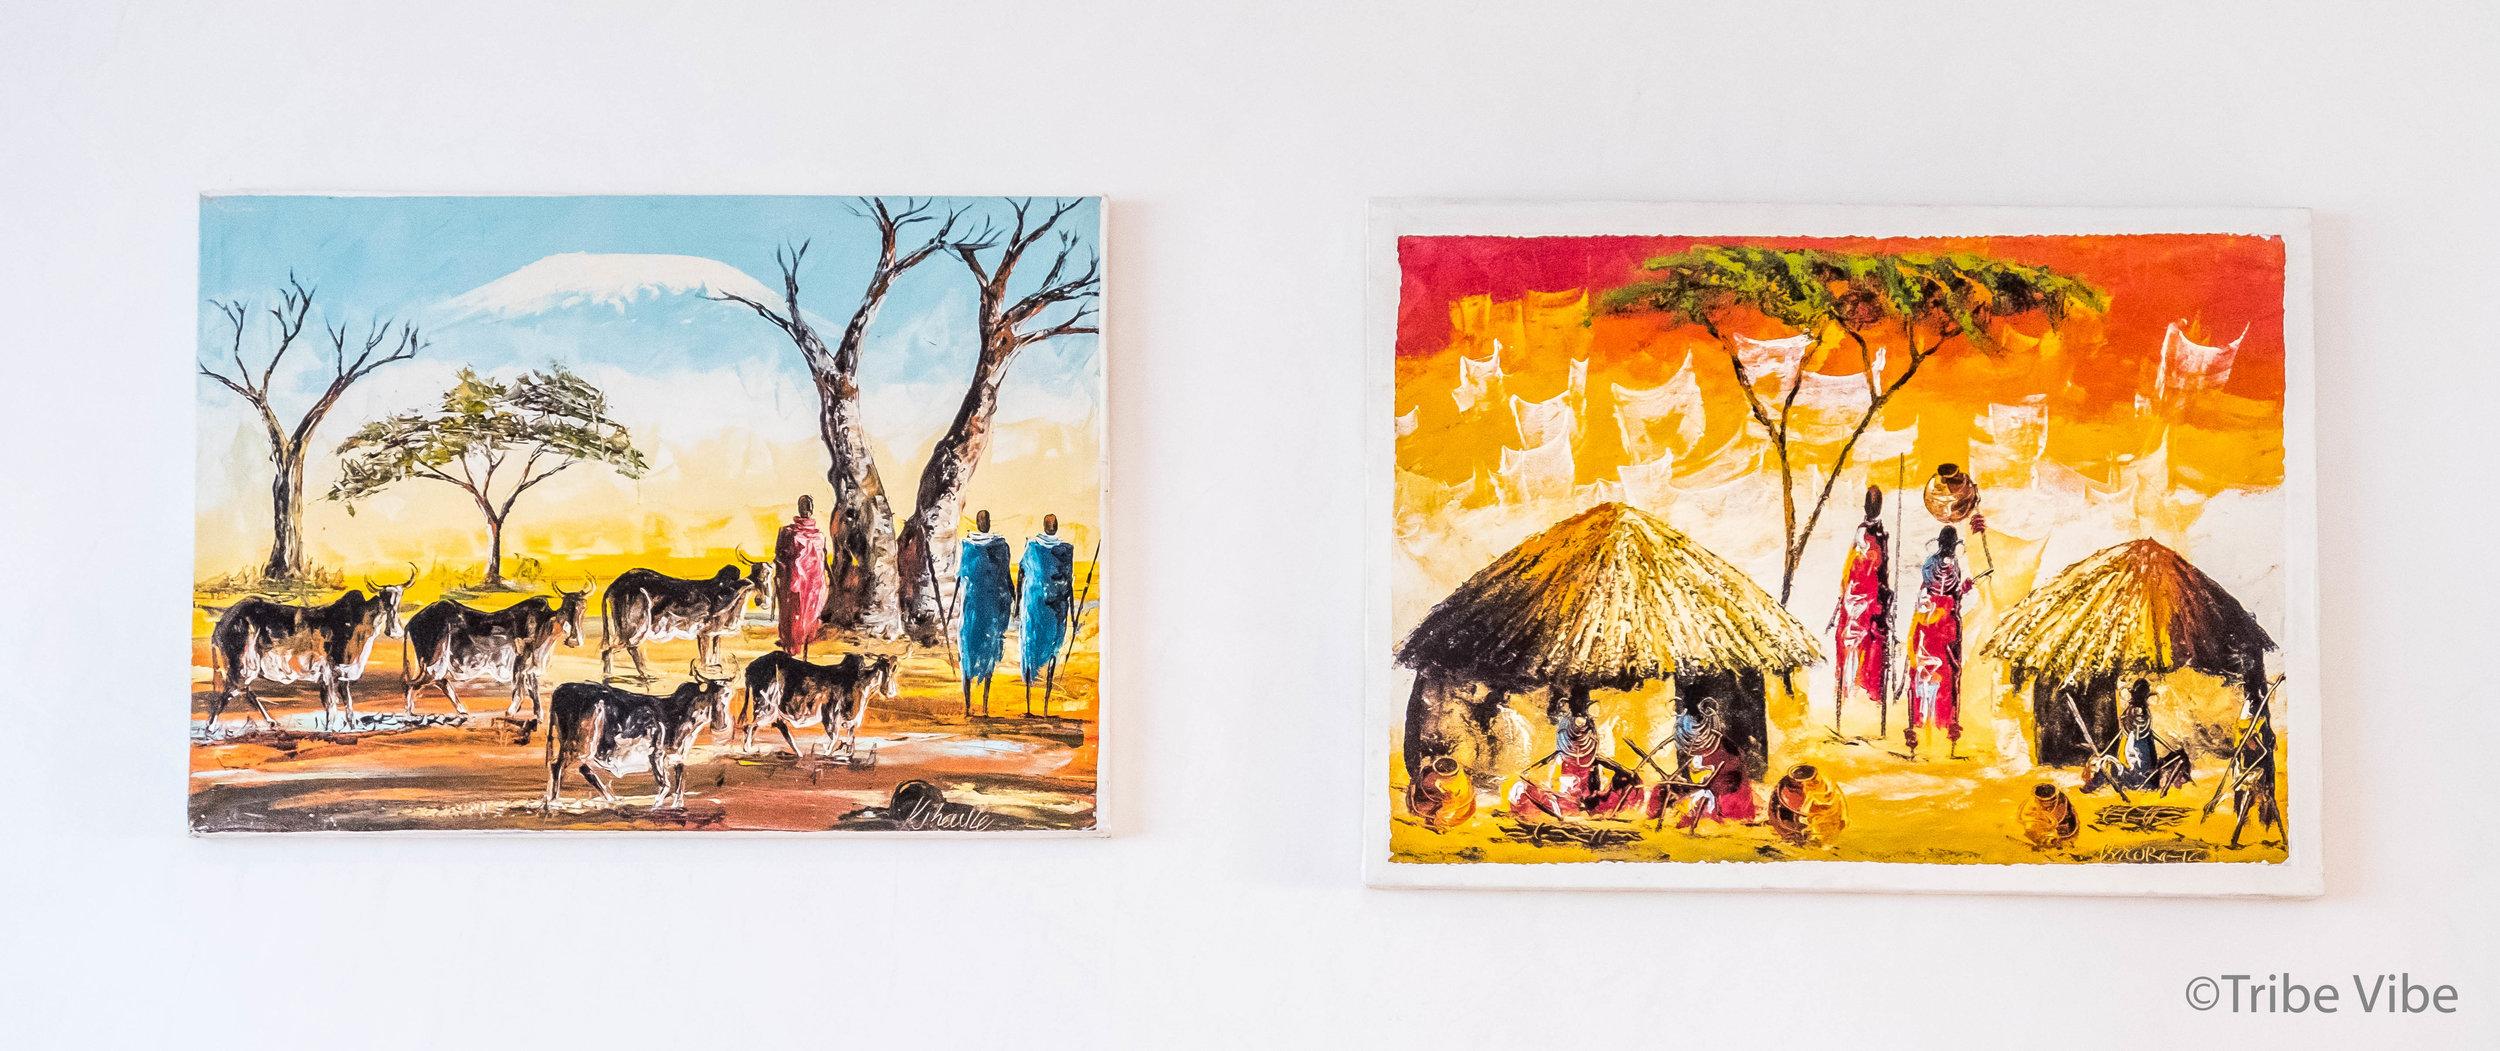 Tingatinga art from Tanzania